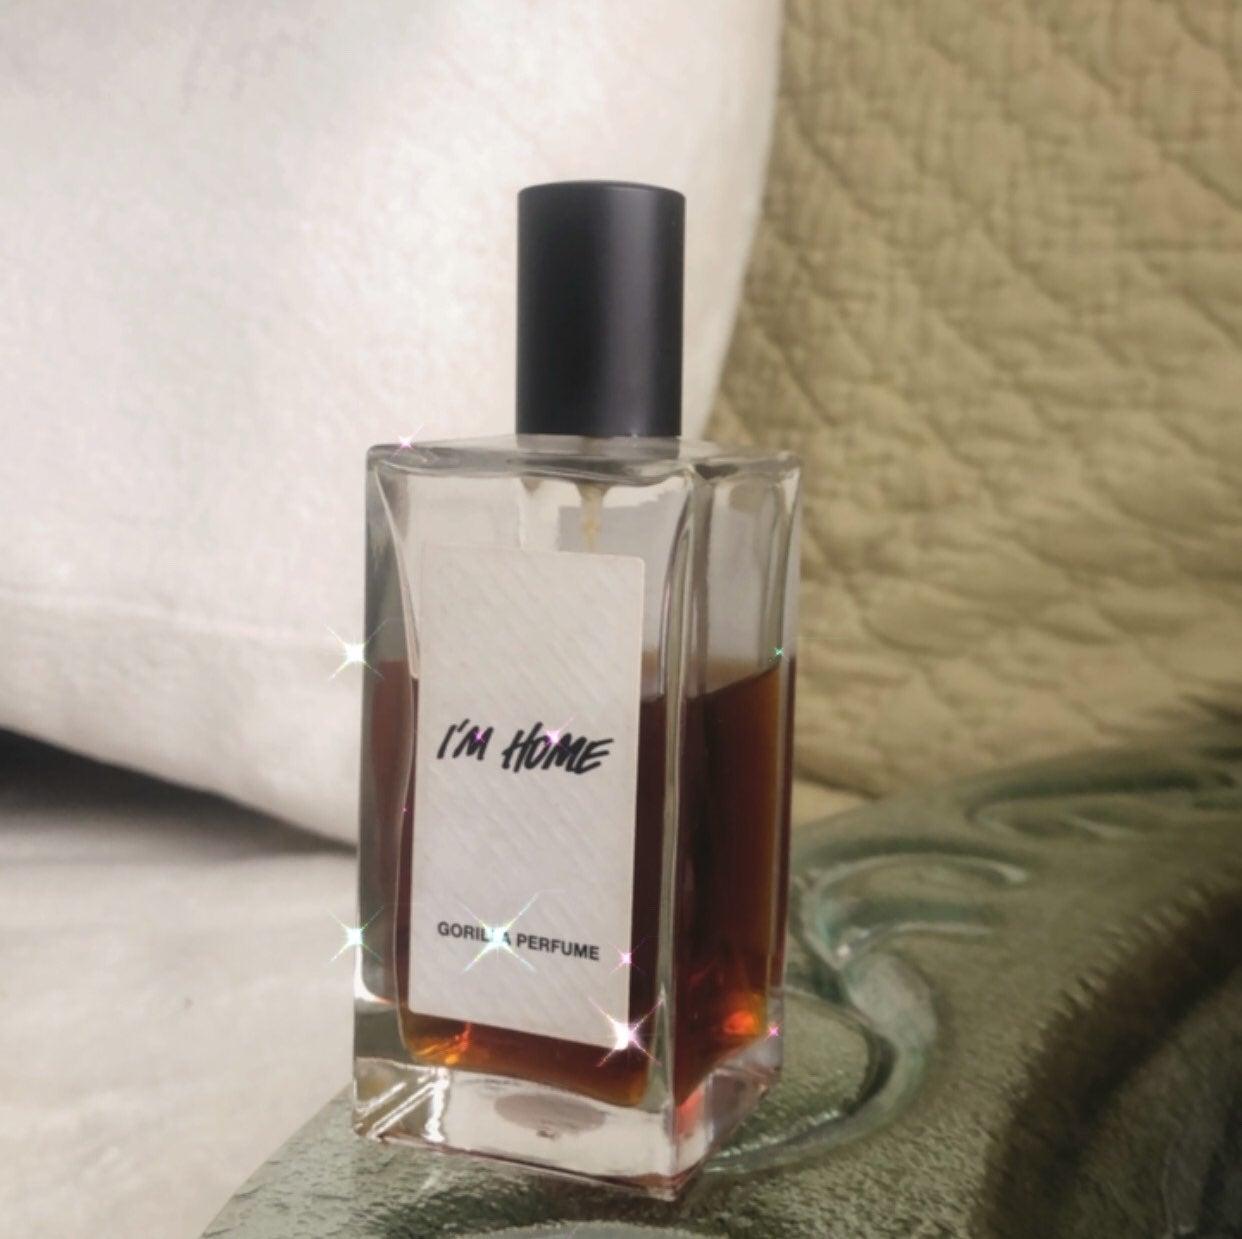 *RARE* Lush I'm Home Perfume 75ml